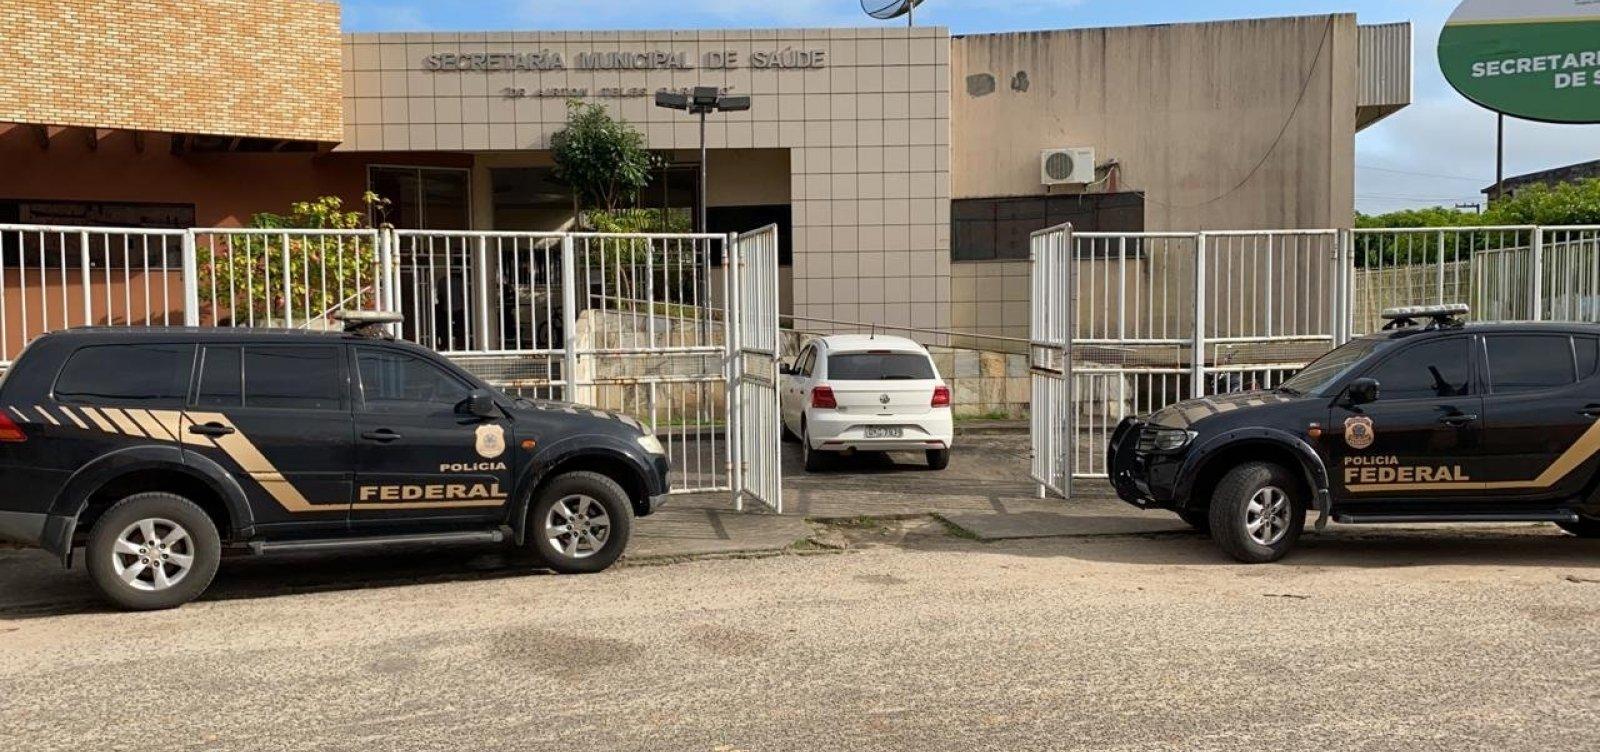 [PF cumpre 32 mandados na Bahia e outros 3 estados em operação sobre desvios na Saúde em SE]